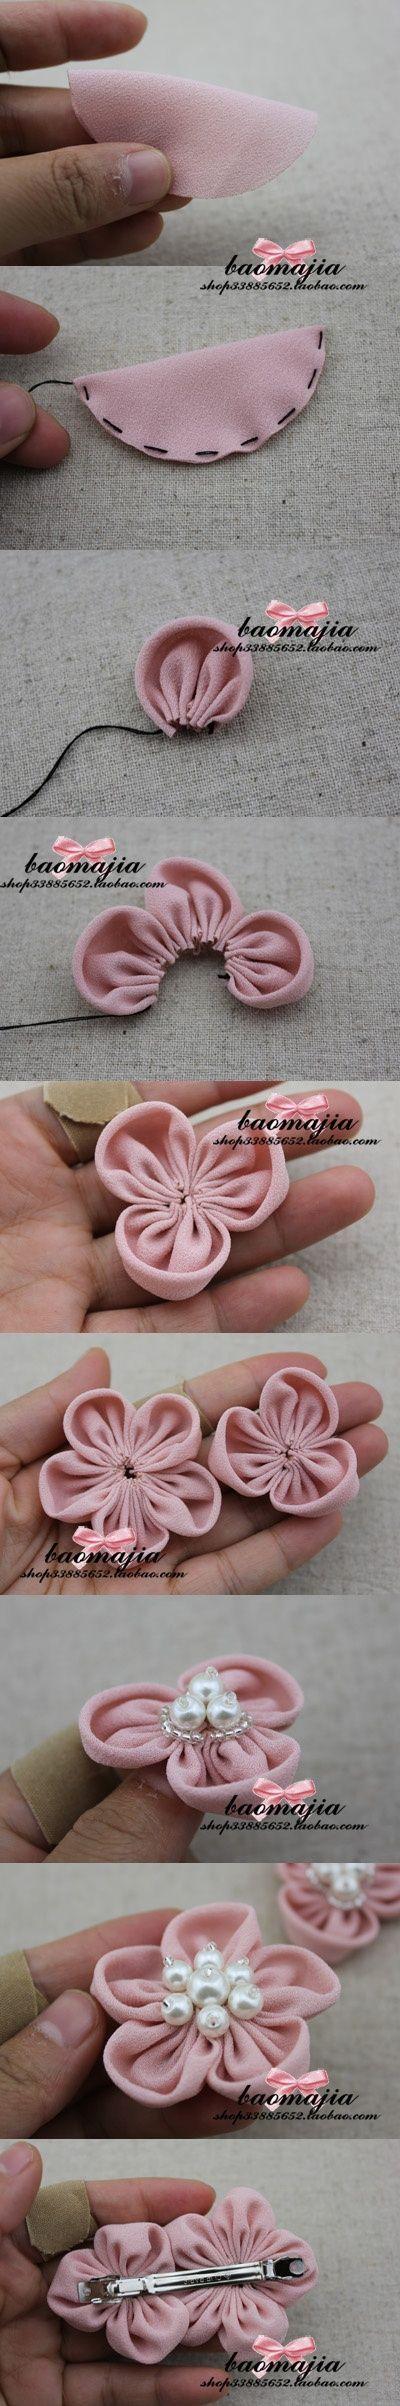 Coco Love: Tres elegantes lamentables de la tela flores para hacer